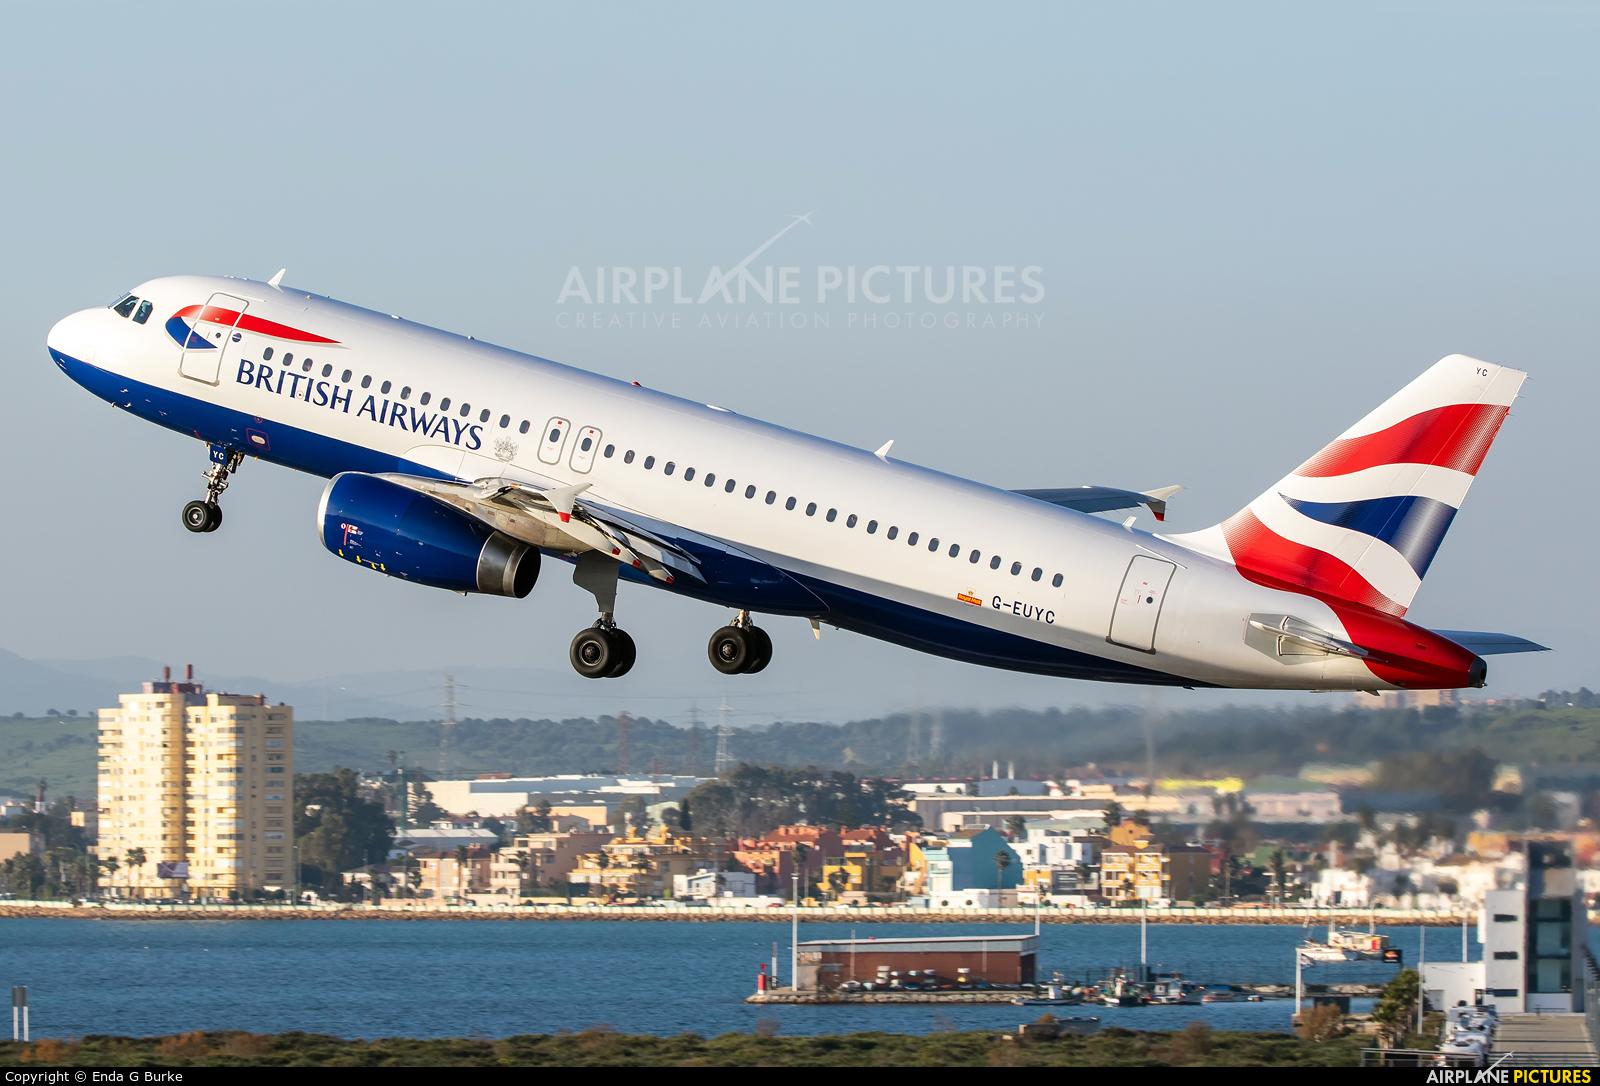 British Airways G-EUYC aircraft at Gibraltar